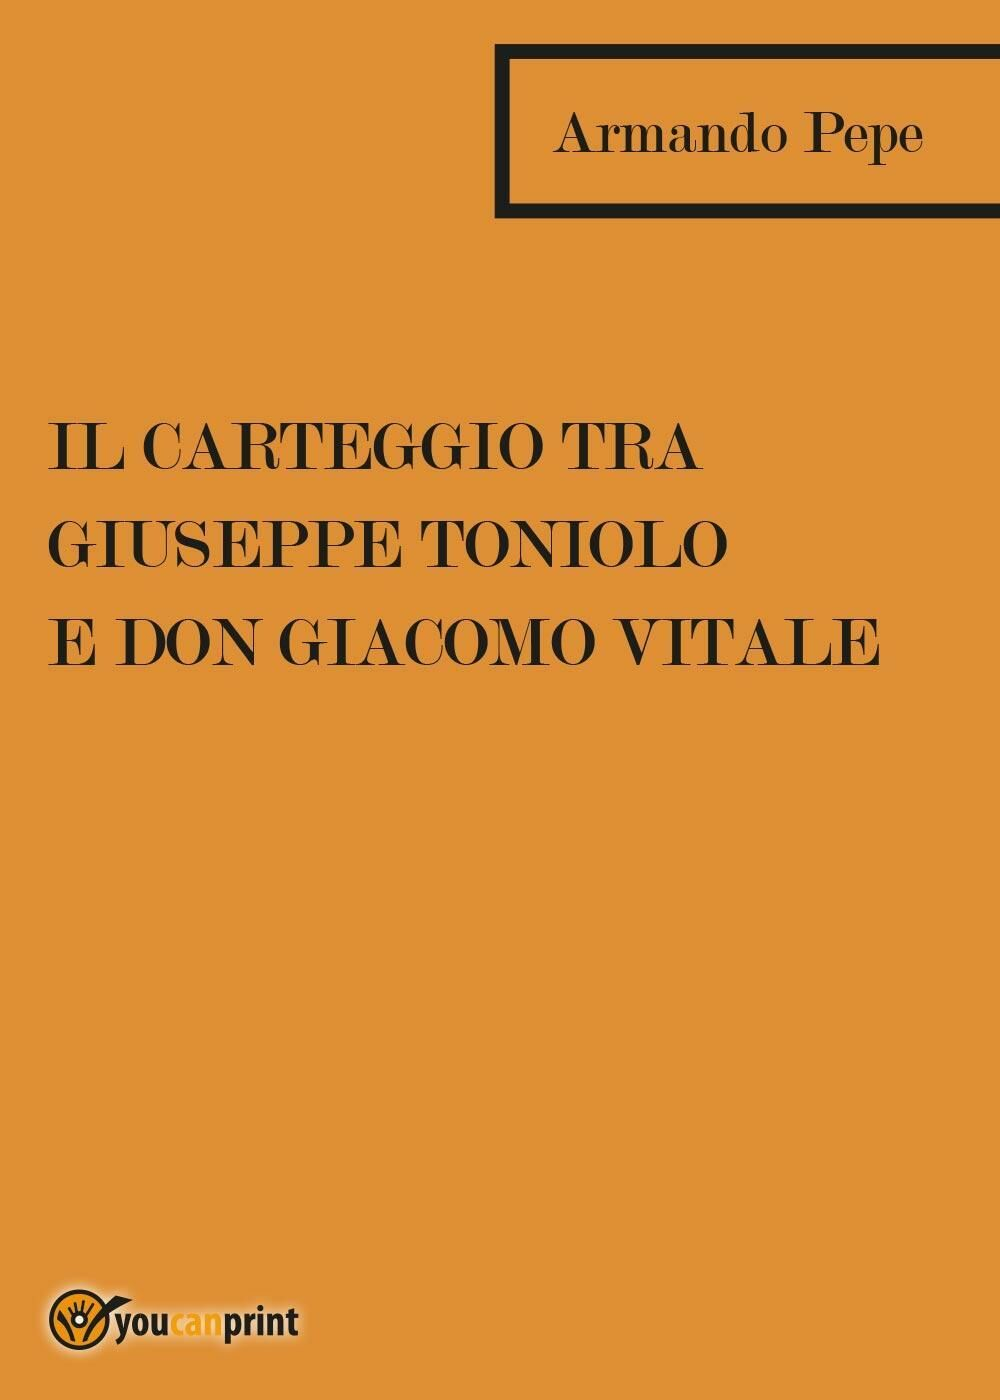 Il Carteggio tra Giuseppe Toniolo e don Giacomo Vitale